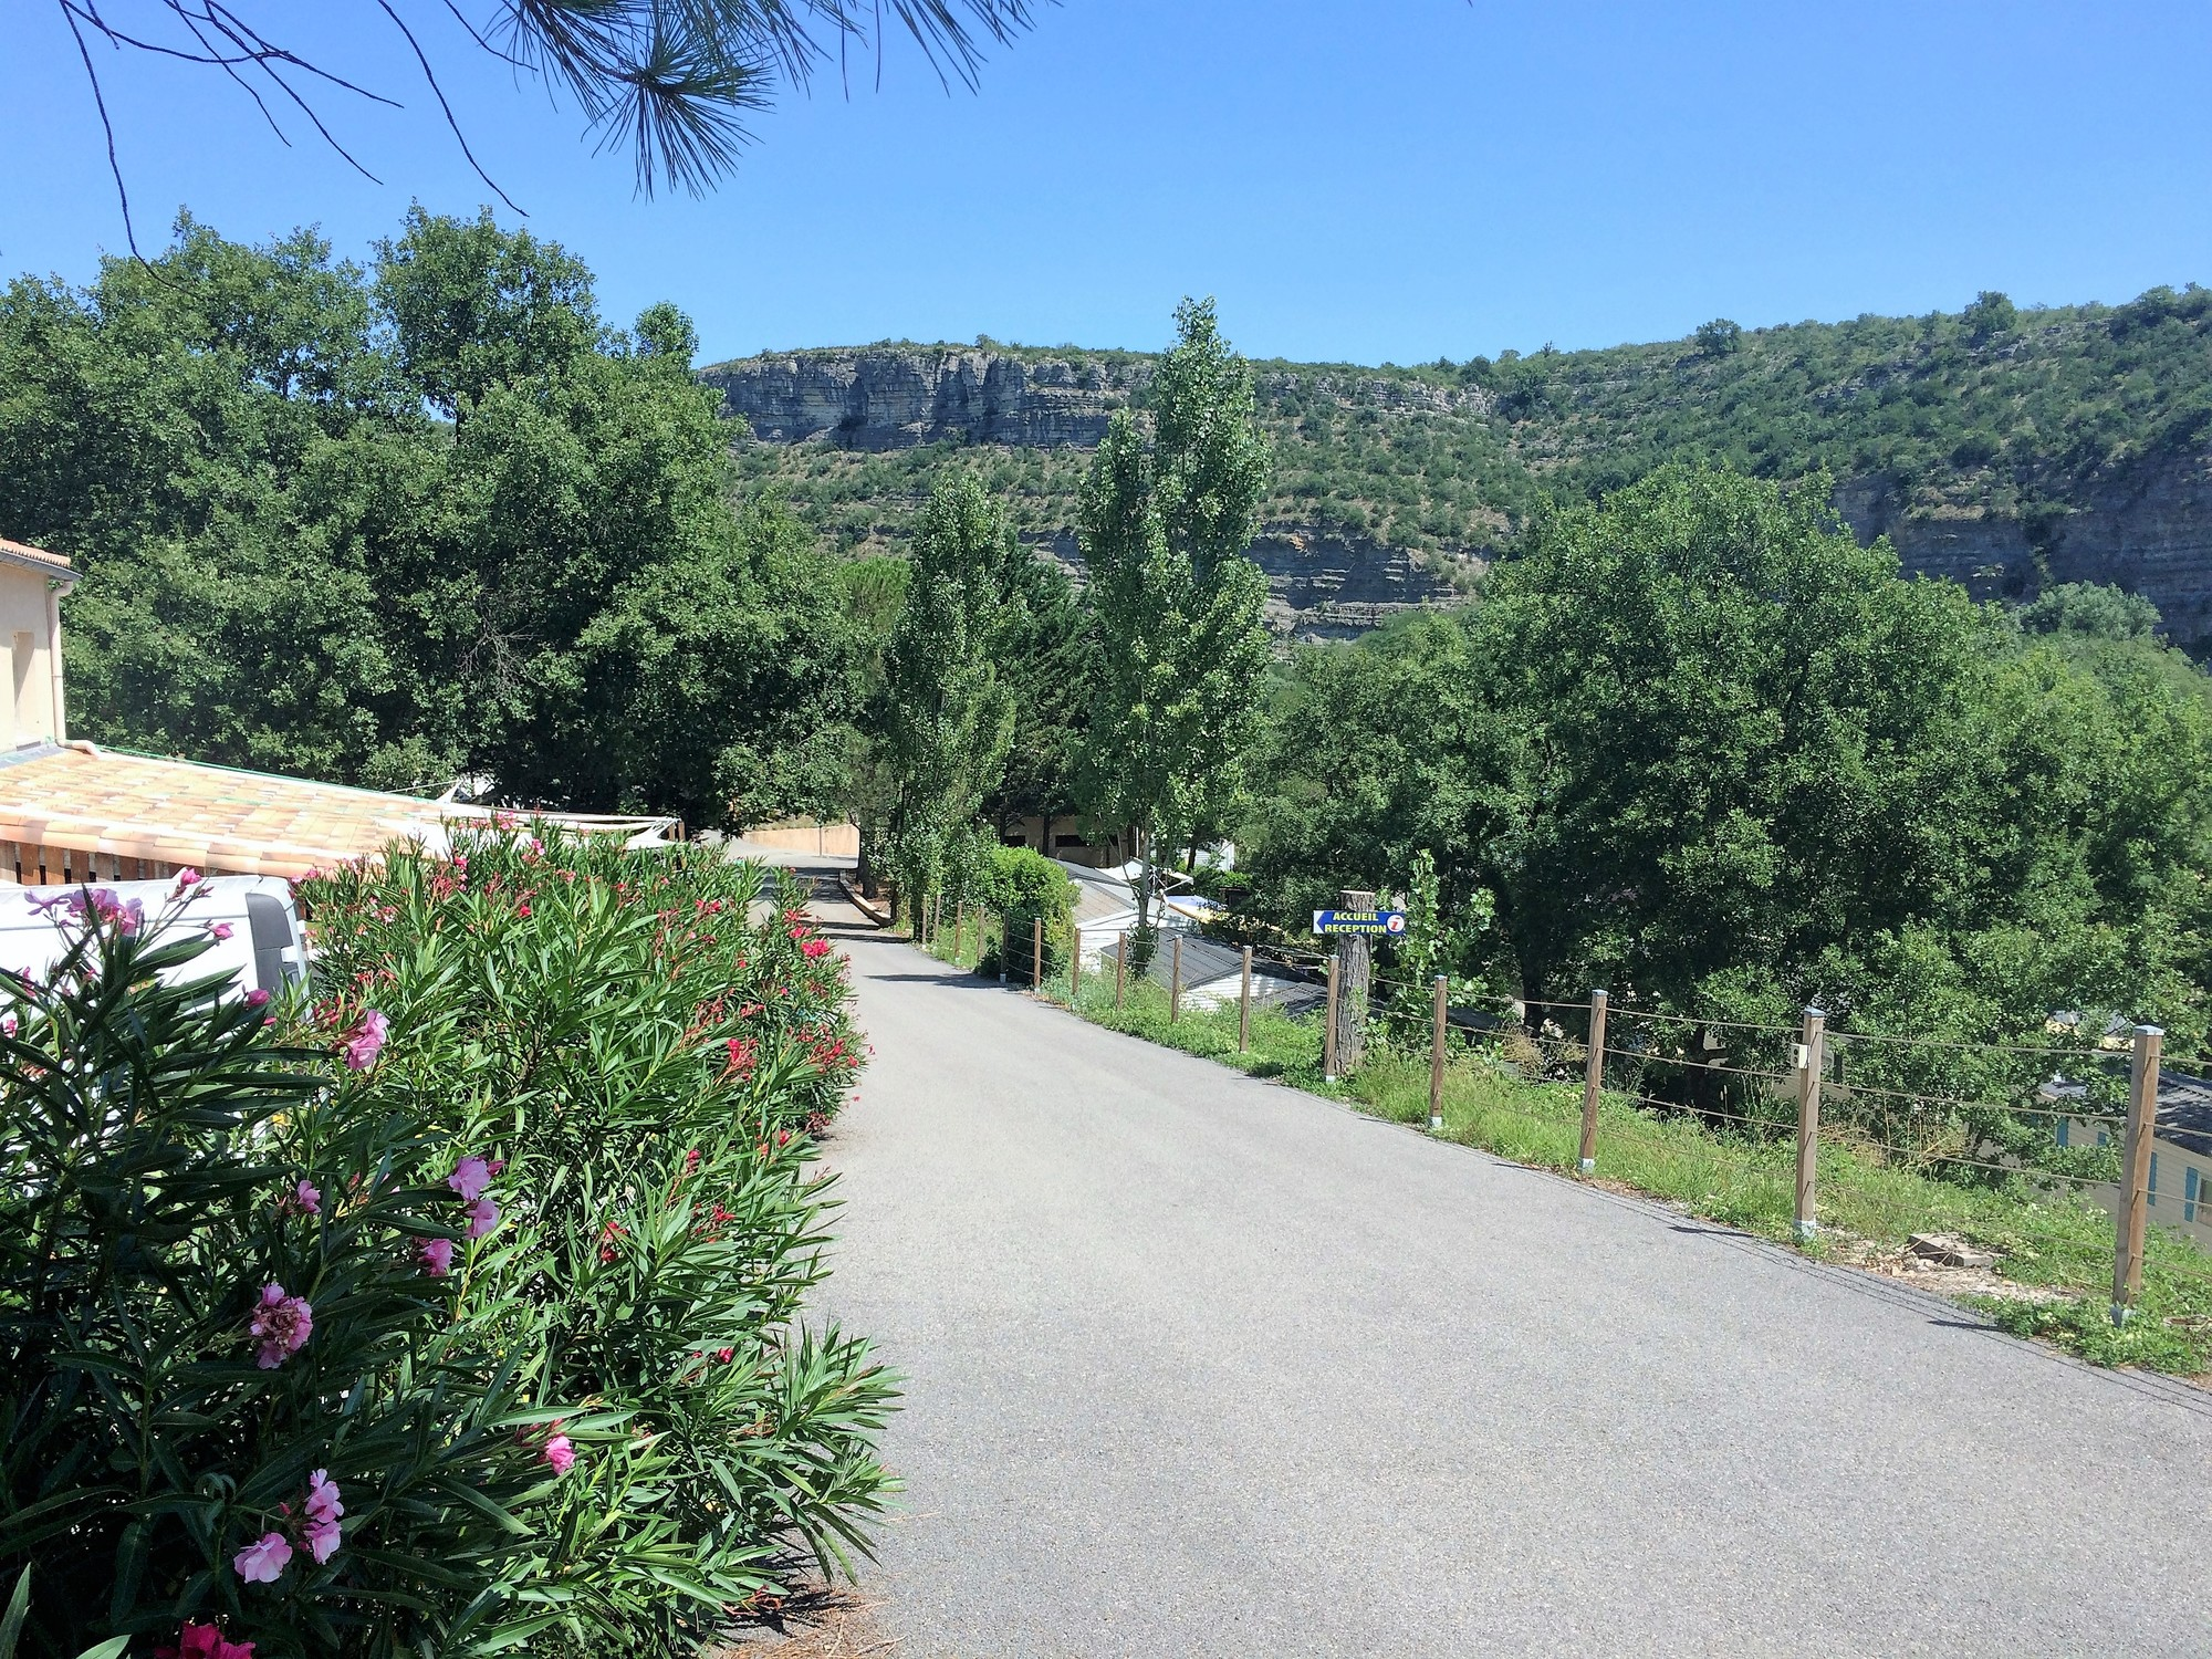 Entrée du Camping Résidentiel Le Moulinage (route des défilés de Ruoms, Sud Ardèche)